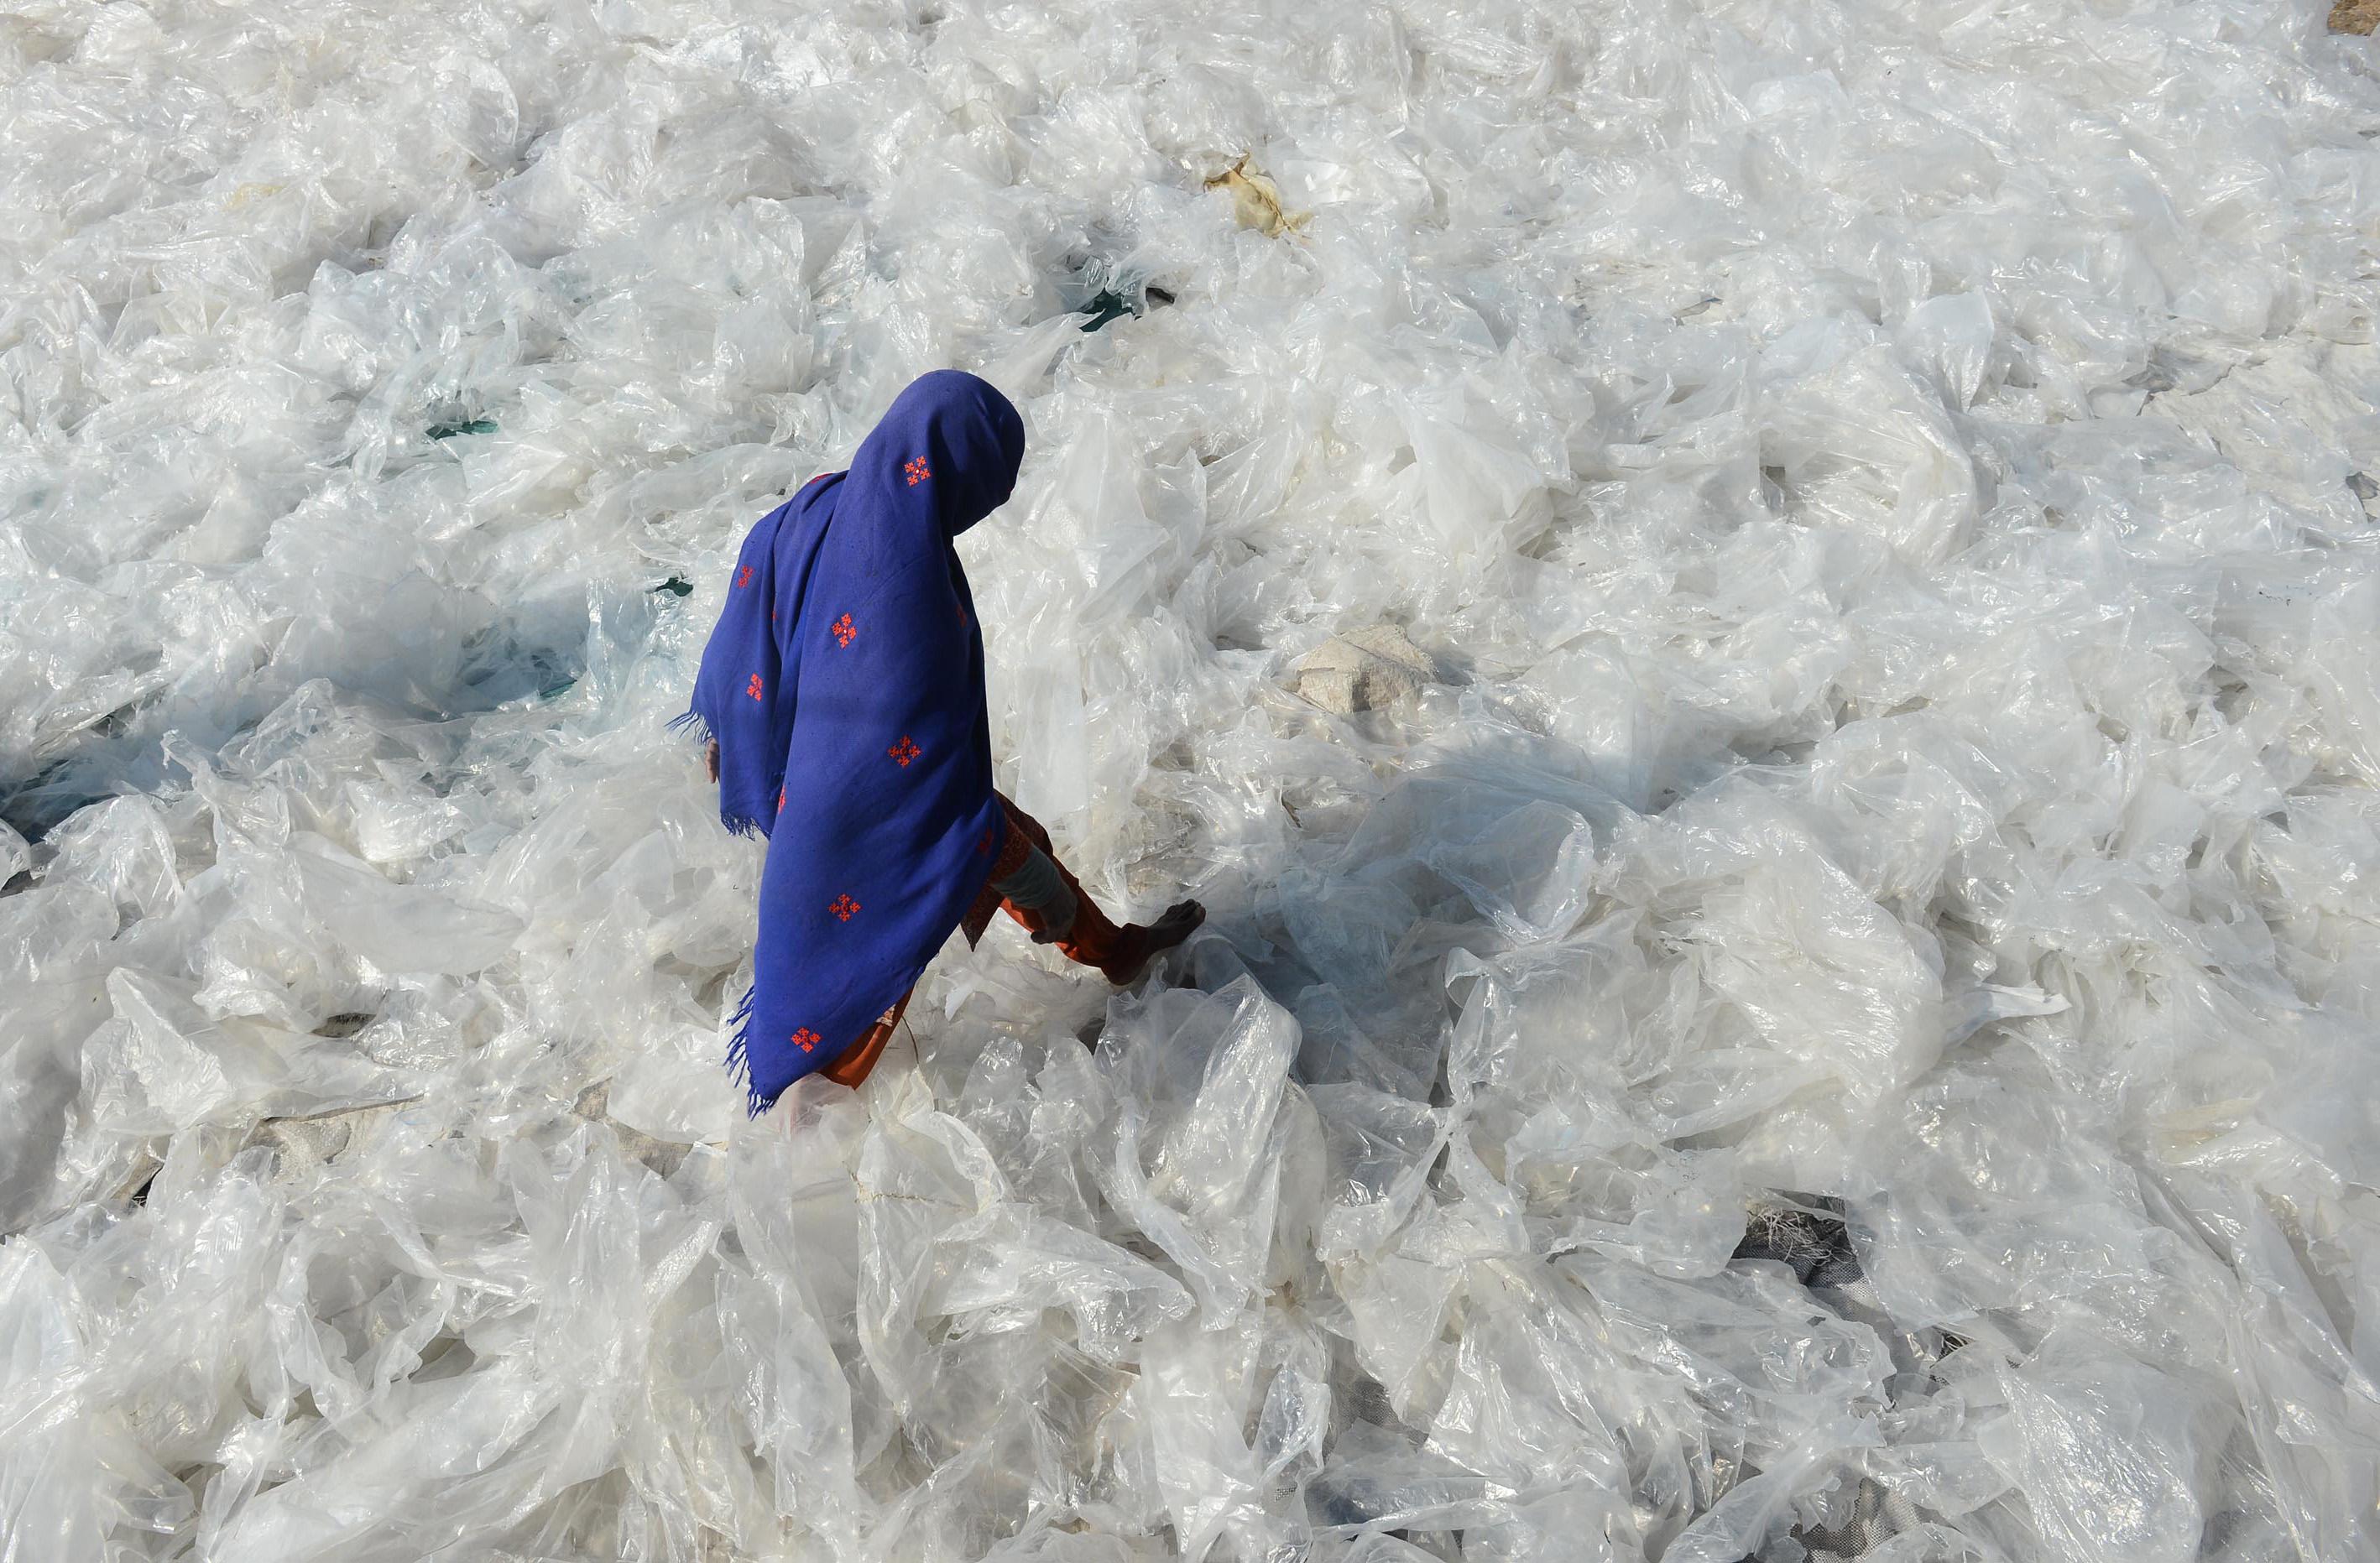 Pakistan'da bir kadın plastik torbaların üzerinde yürüyor